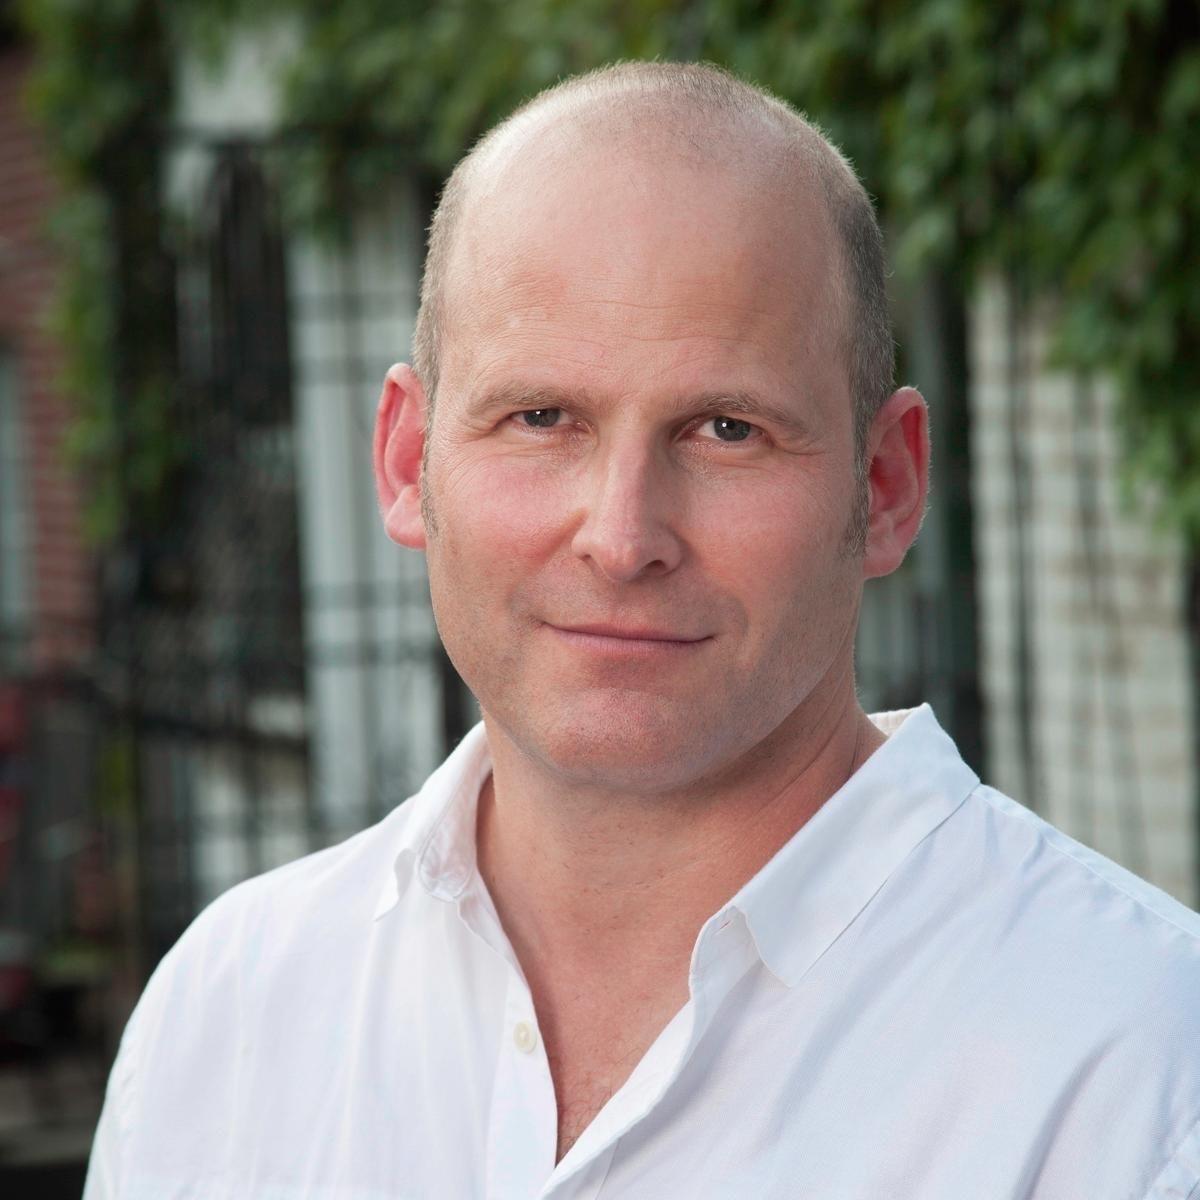 Marco Greenberg